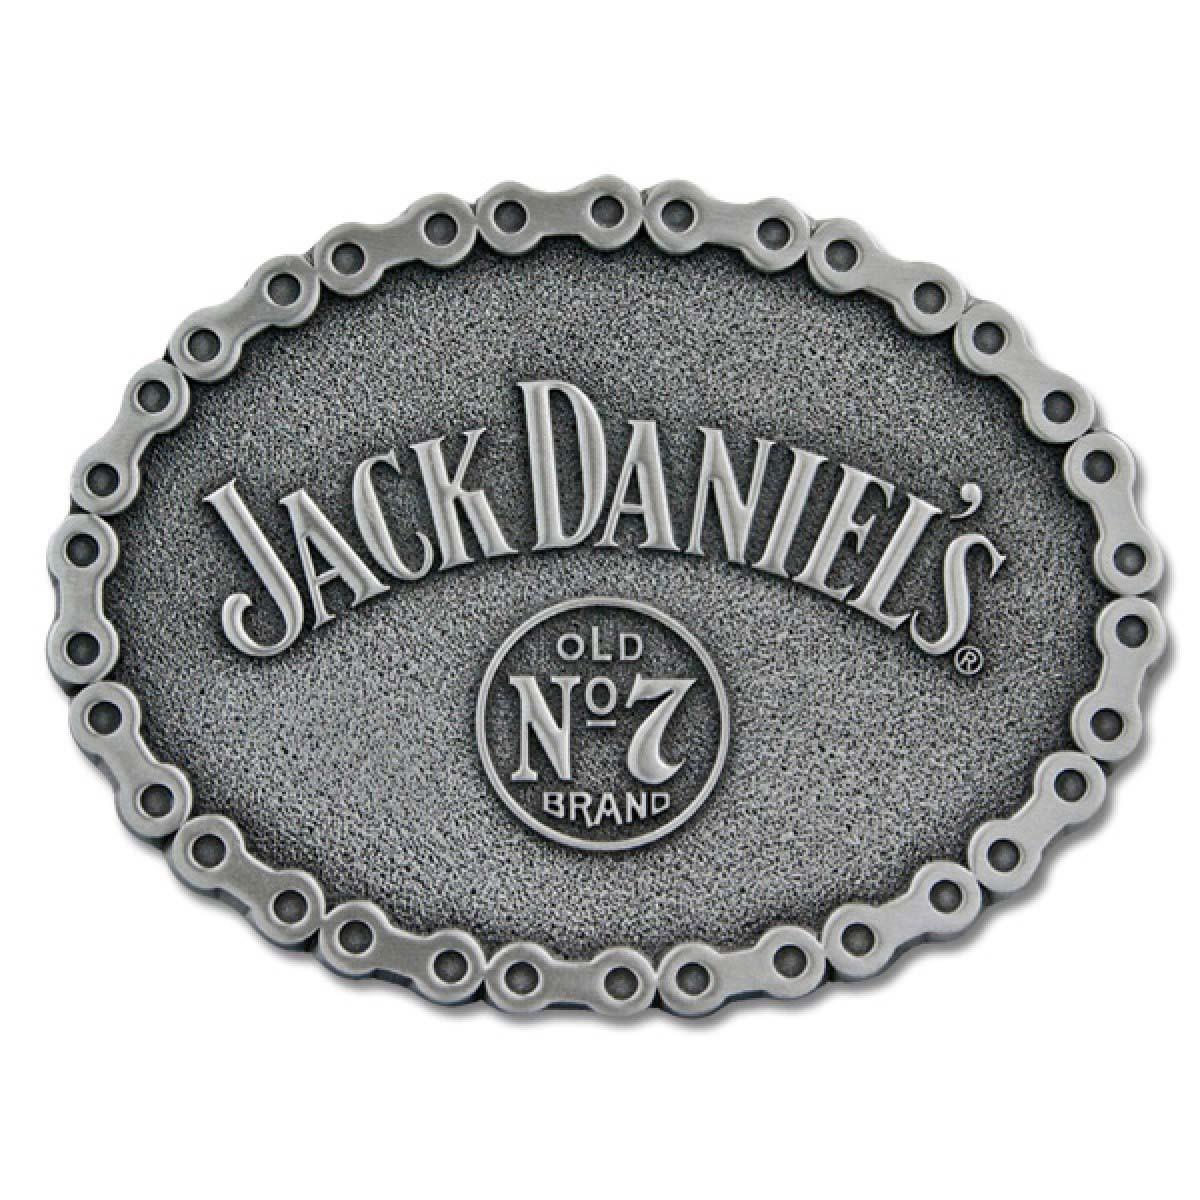 Jack Daniels Bike Chain Belt Buckle